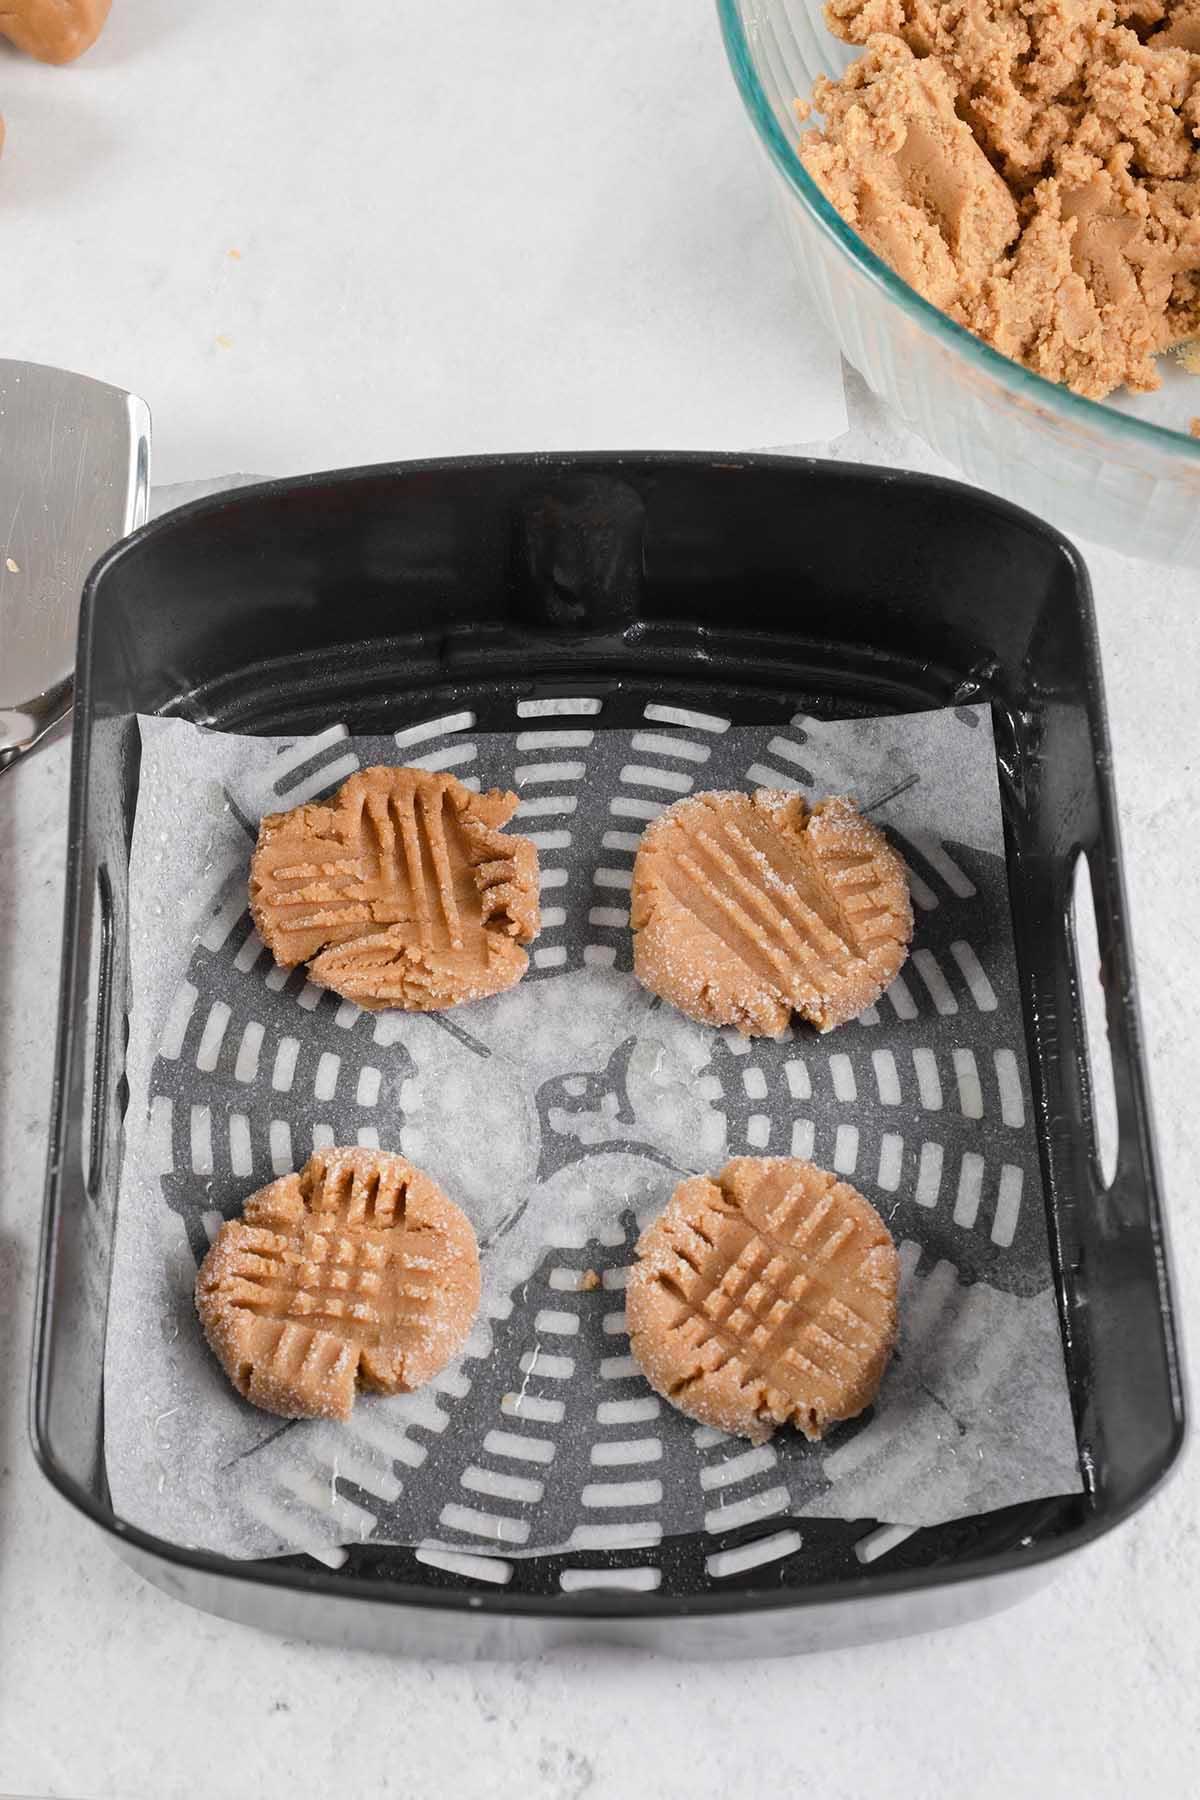 cookies in air fryer basket